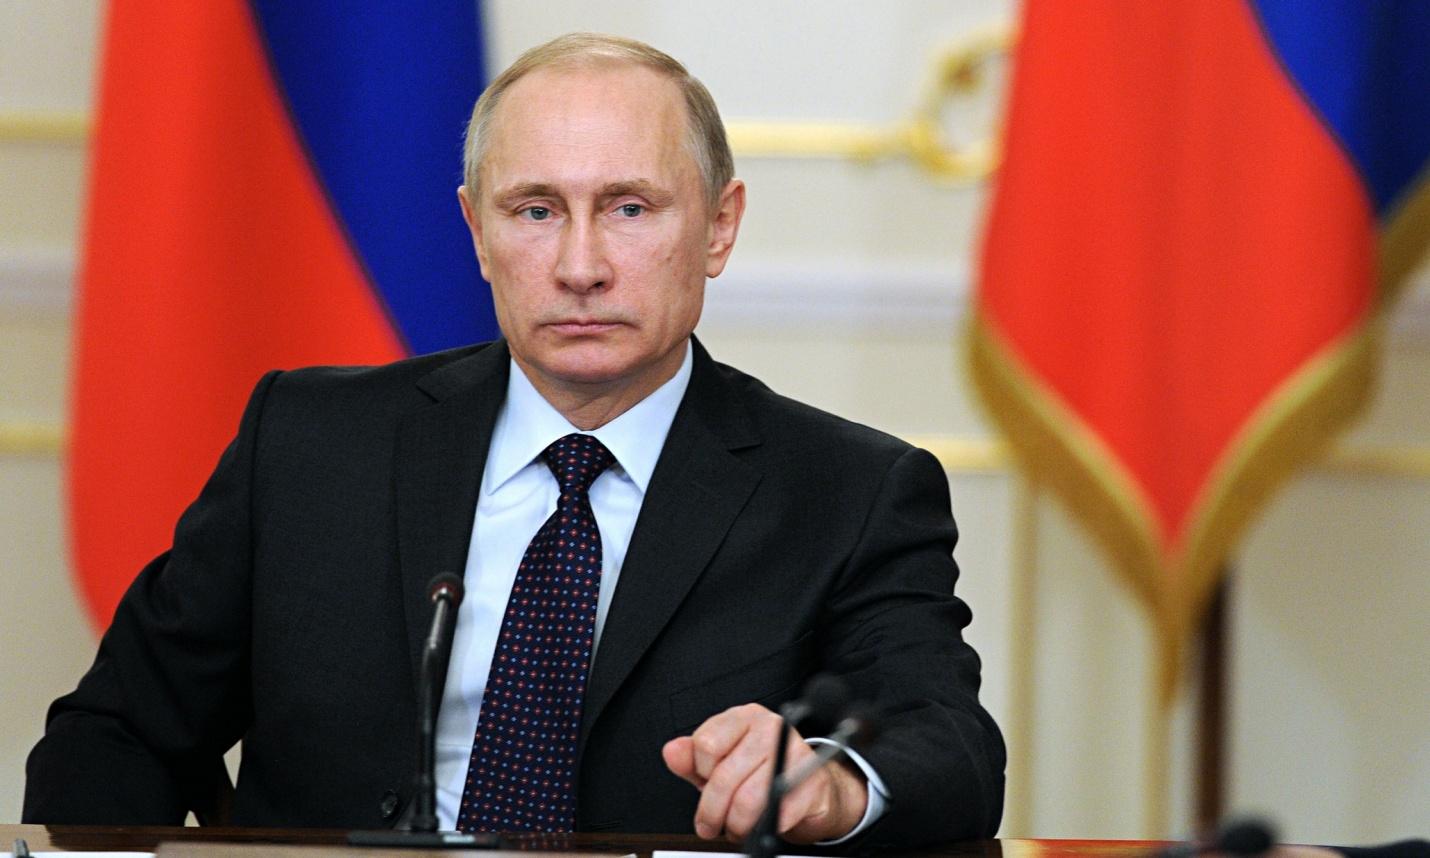 Путин поведал о положительных тенденциях вряде секторов экономики РФ